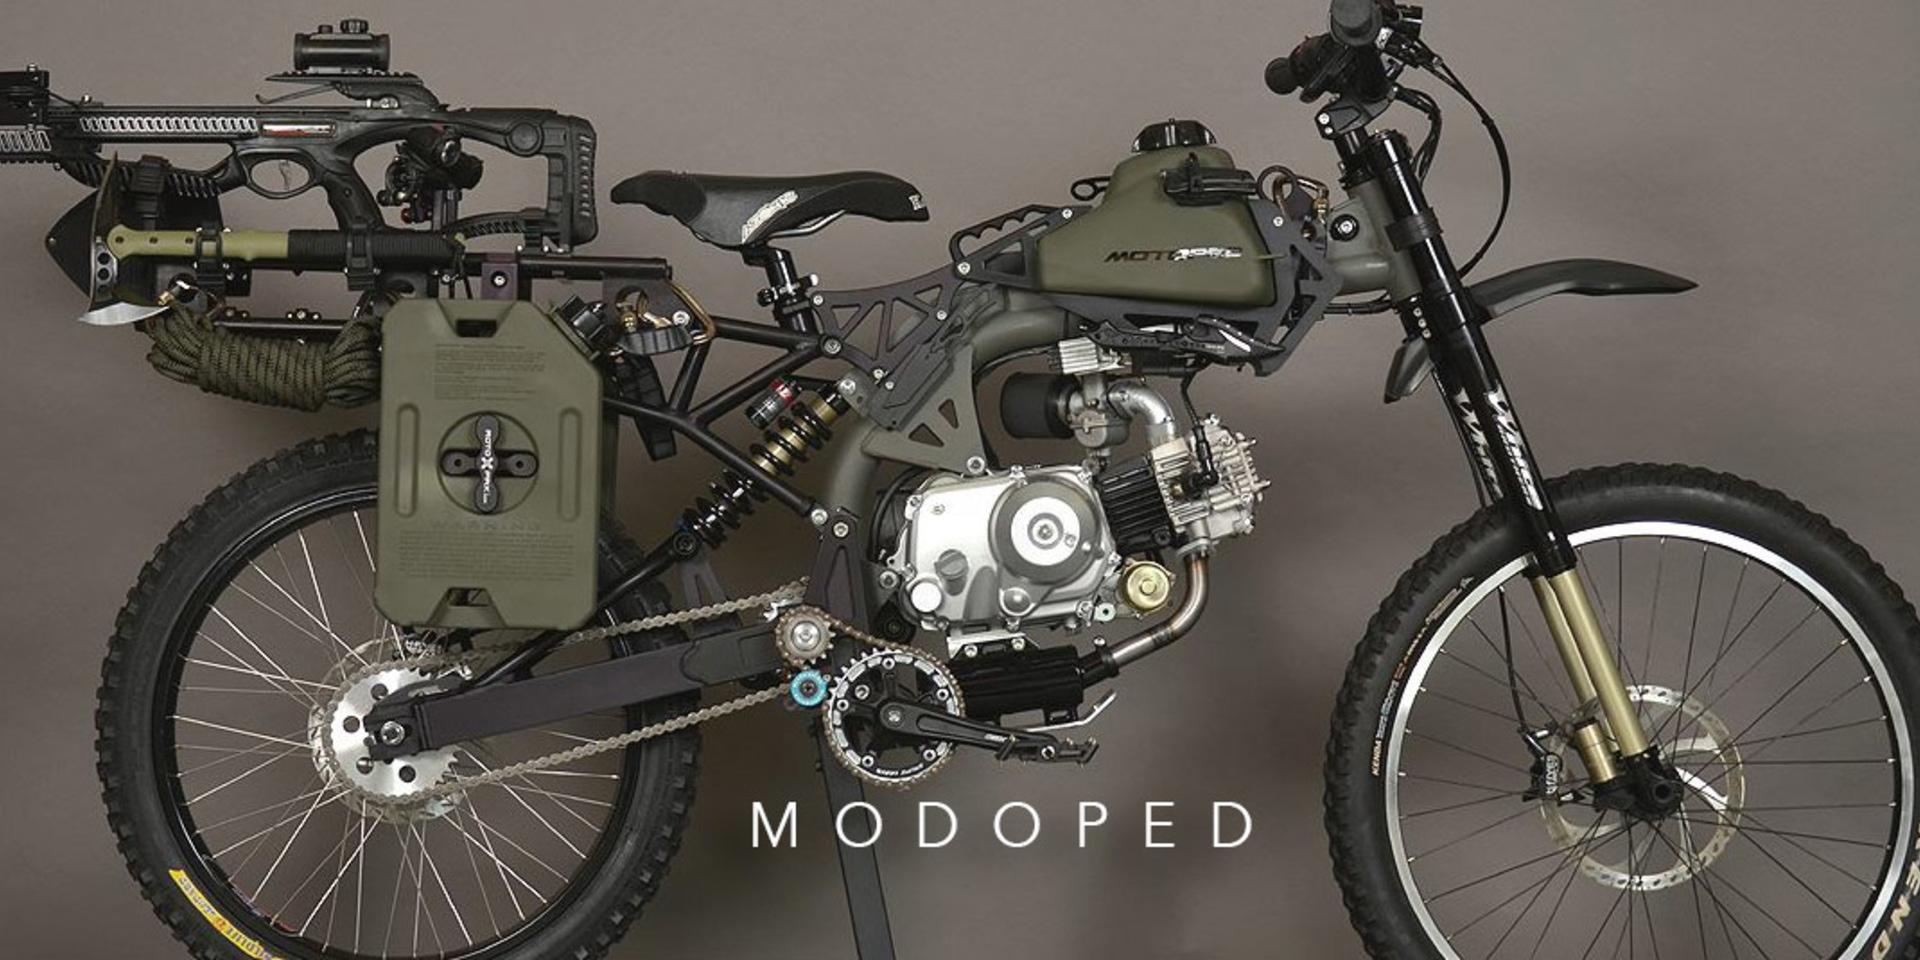 移動力與風格的大升級。Motoped腳踏車動力套件